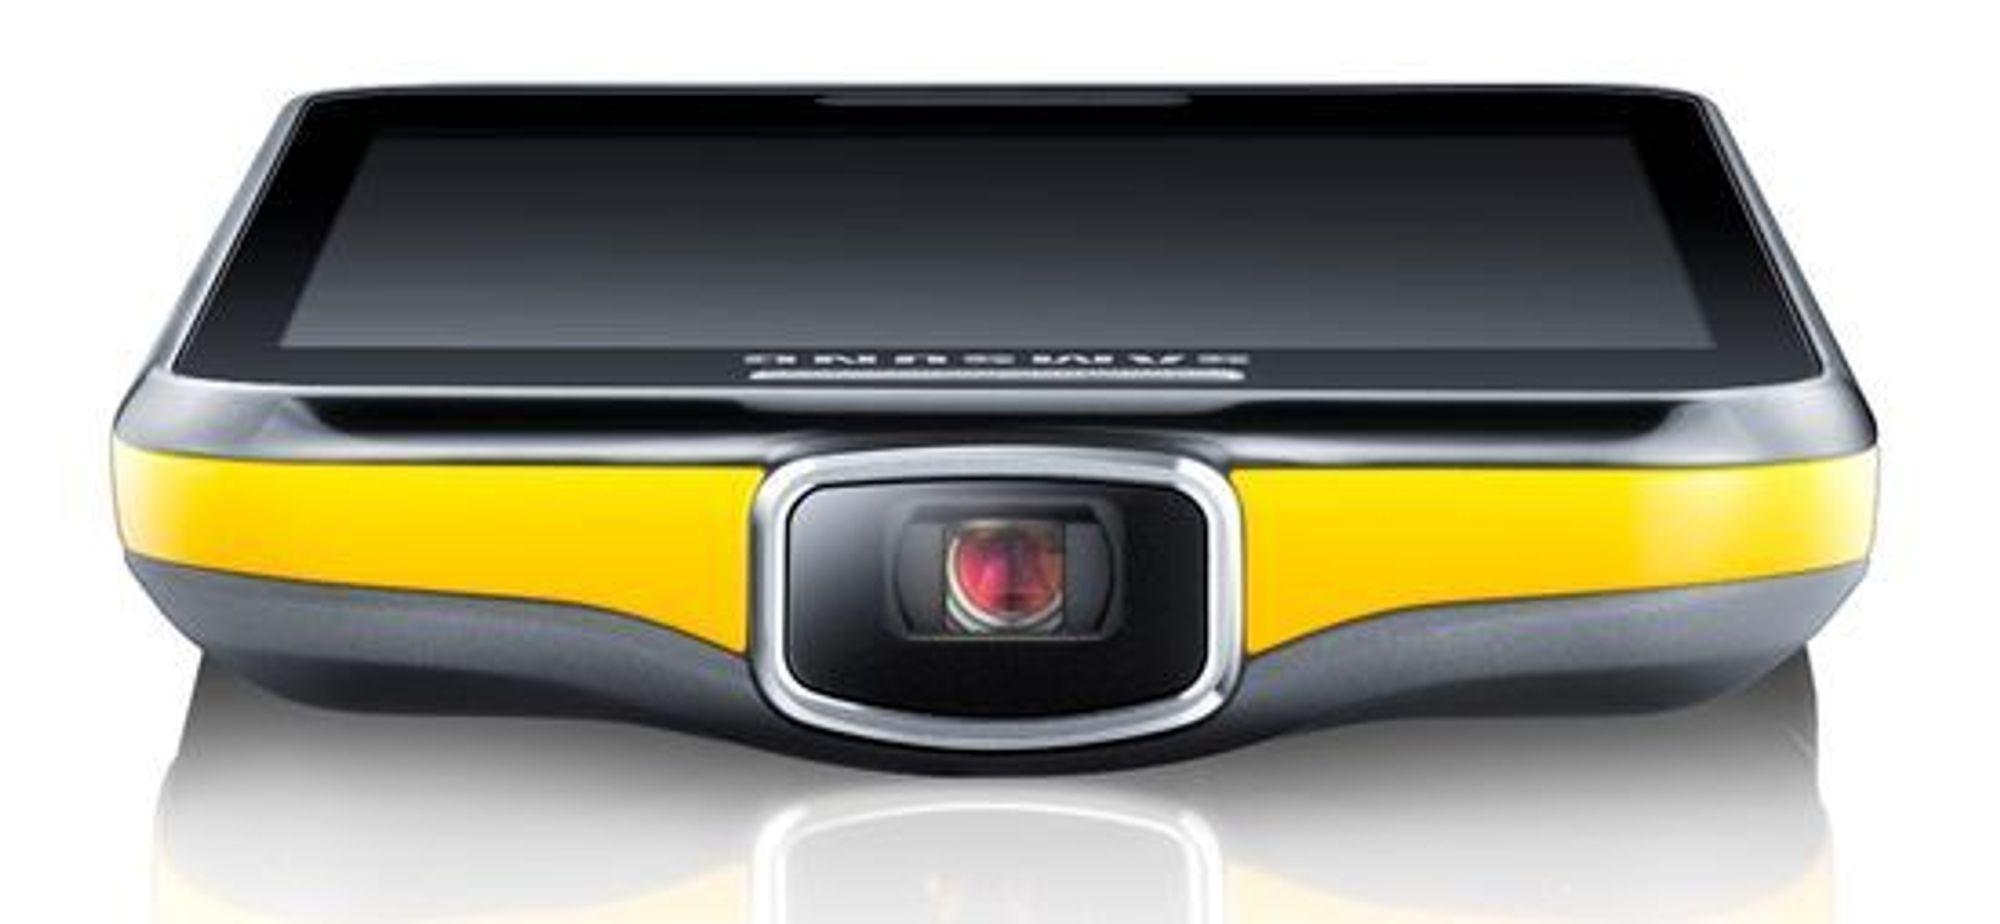 Projektoren på Galaxy Beam.